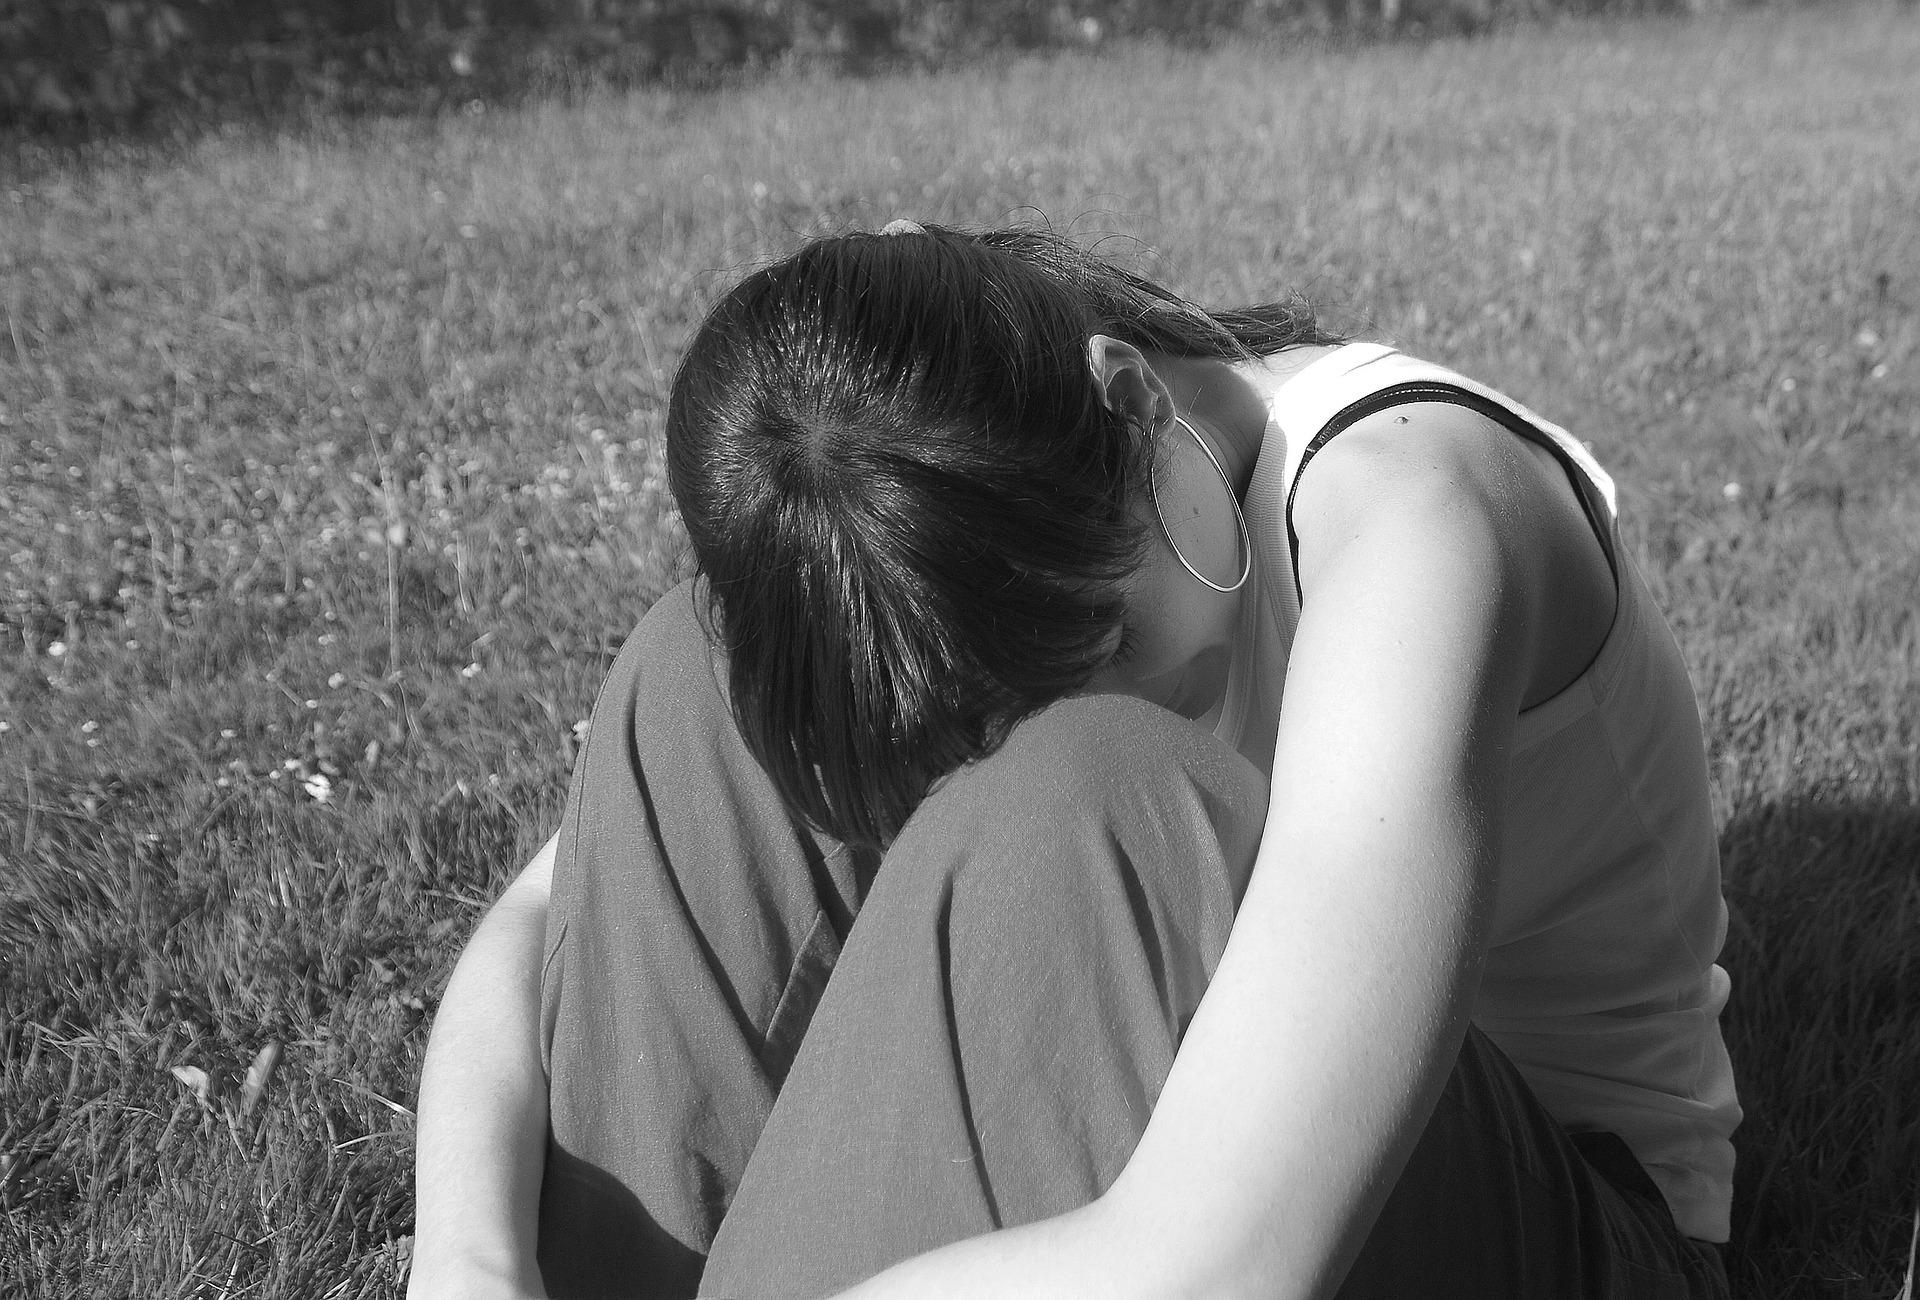 Me siento agotada con tanta responsabilidad, yo solo quiero disfrutar a mi pareja.